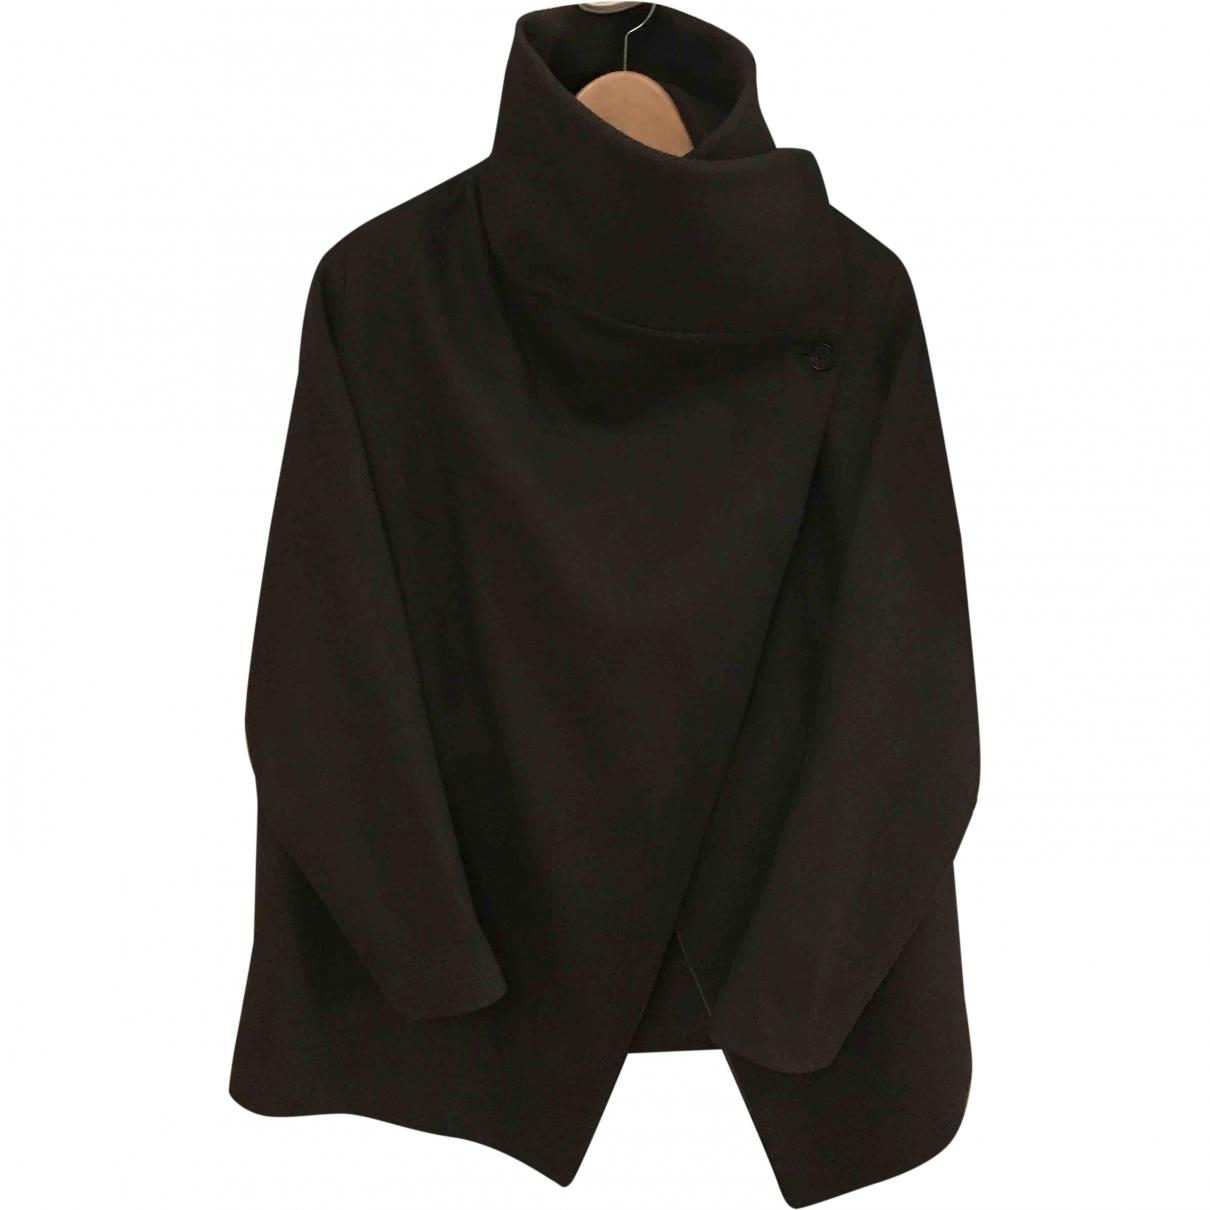 All Saints - Manteau   pour femme en laine - kaki